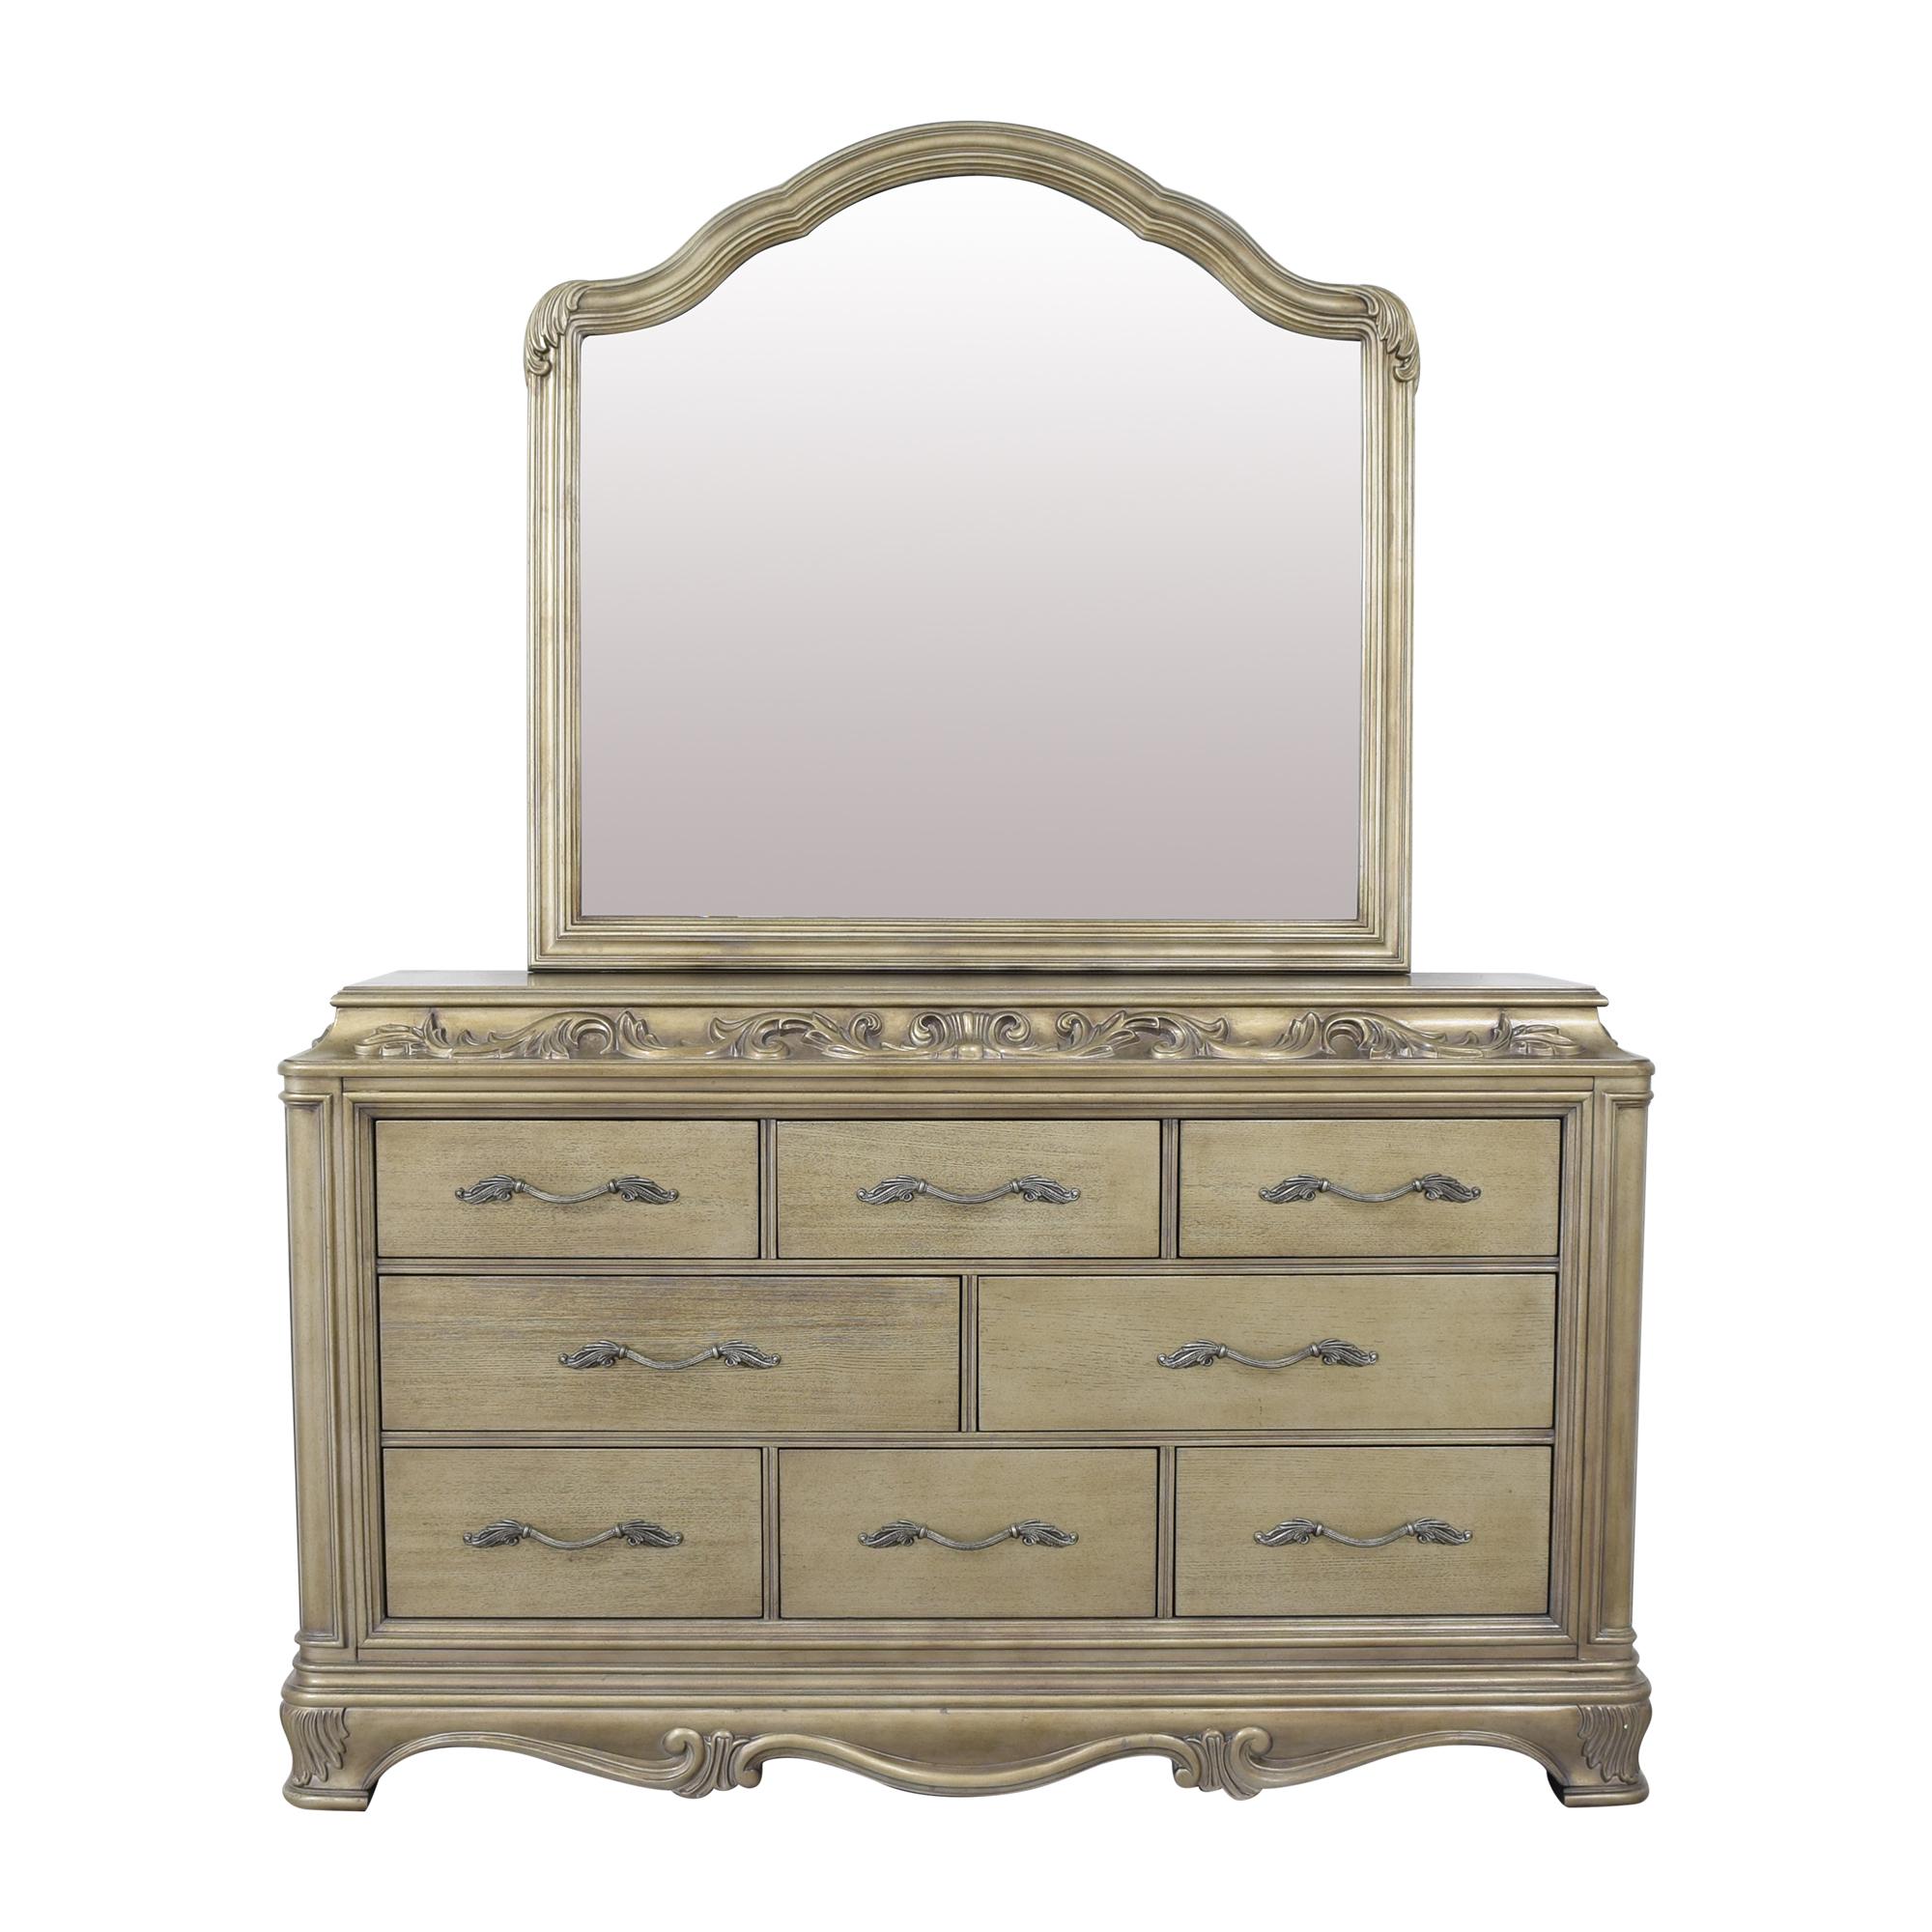 buy Macy's Macy's Zarina Eight Drawer Dresser with Mirror online